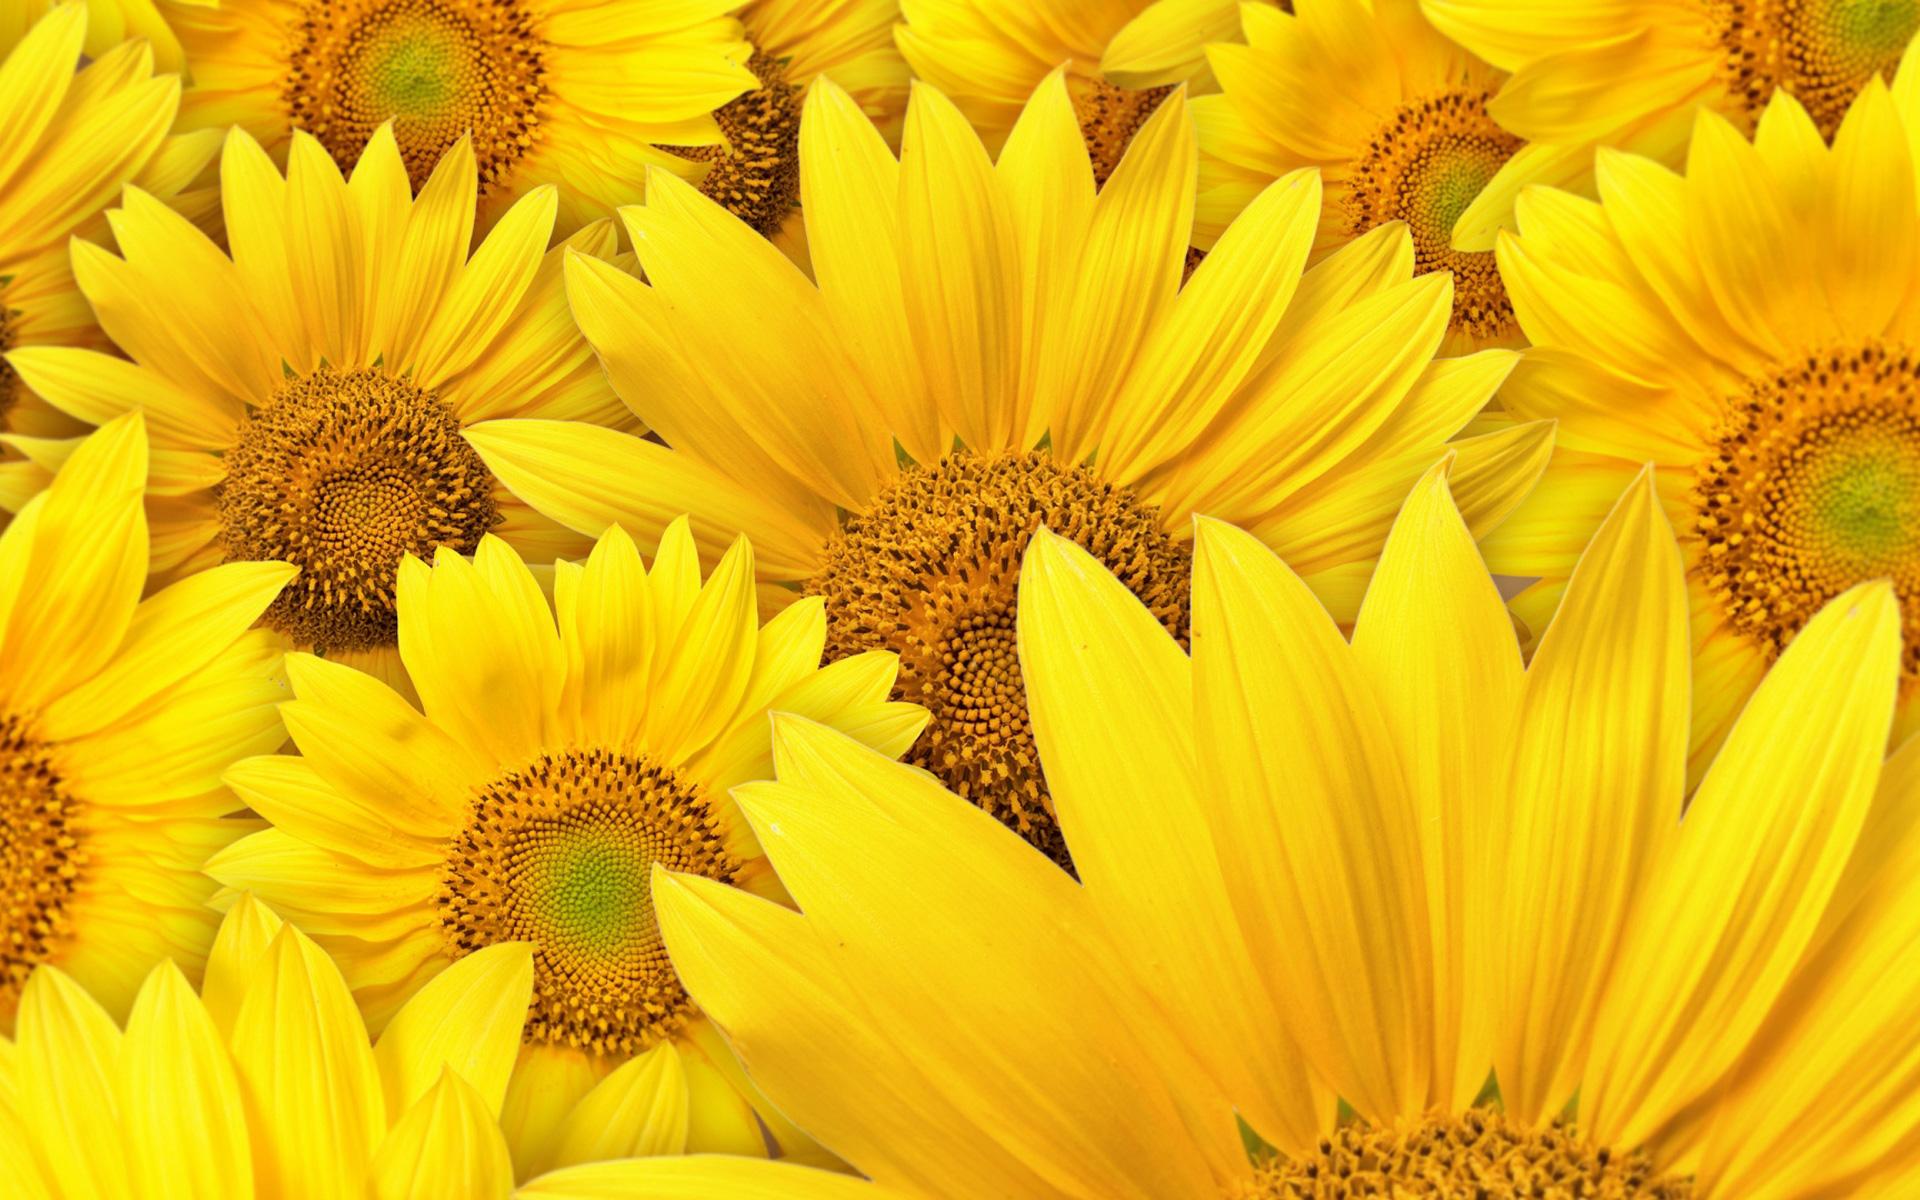 Hình nền màu vàng hoa nở rộ